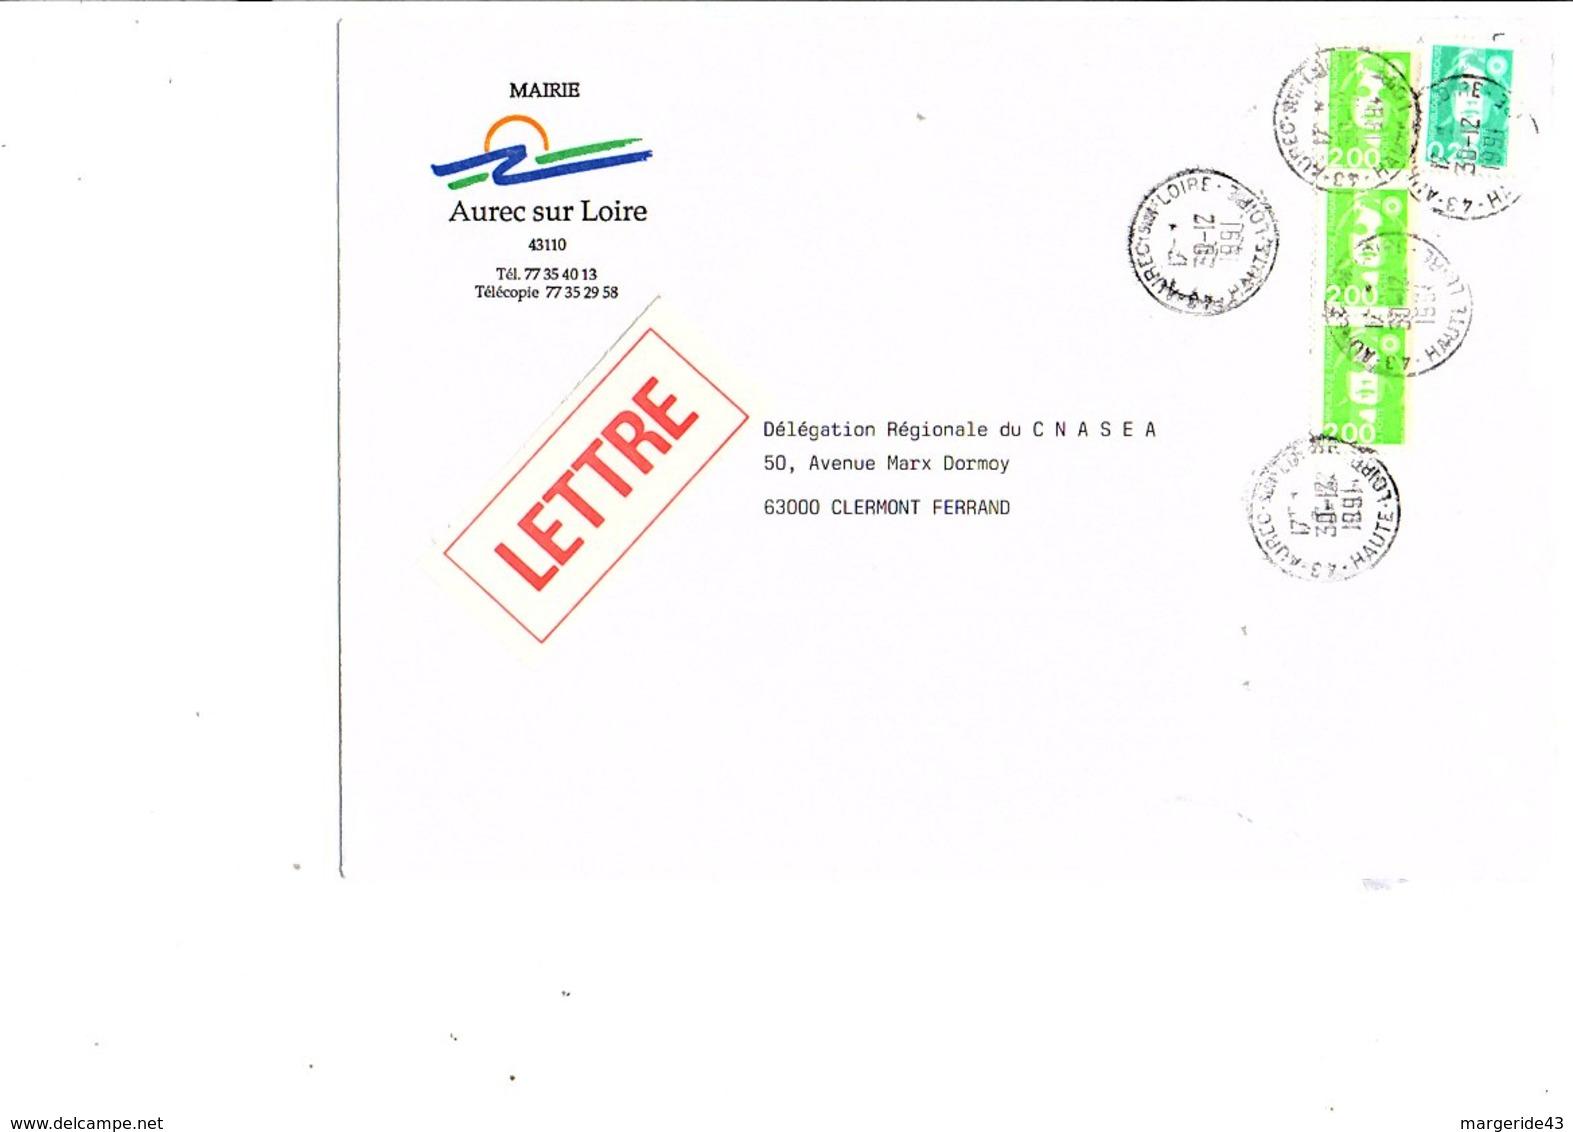 LETTRE DE MAIRIE DE AUREC-SUR-LOIRE HAUTE LOIRE - Marcophilie (Lettres)